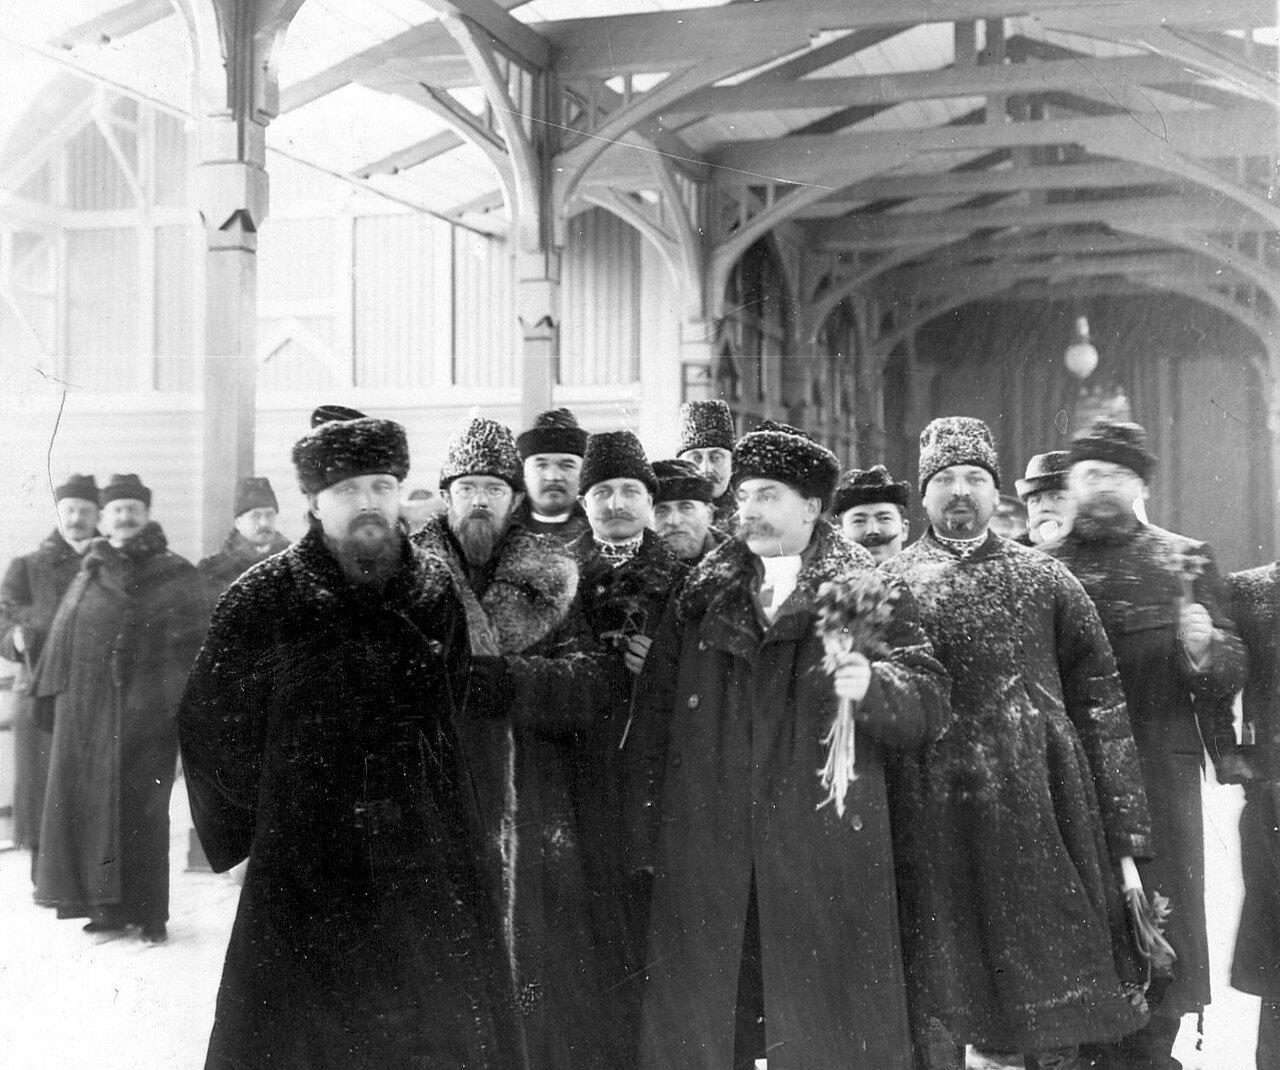 Группа депутатов Третьей Государственной думы на вокзале после поездки в Царское Село на приём к императору Николаю II